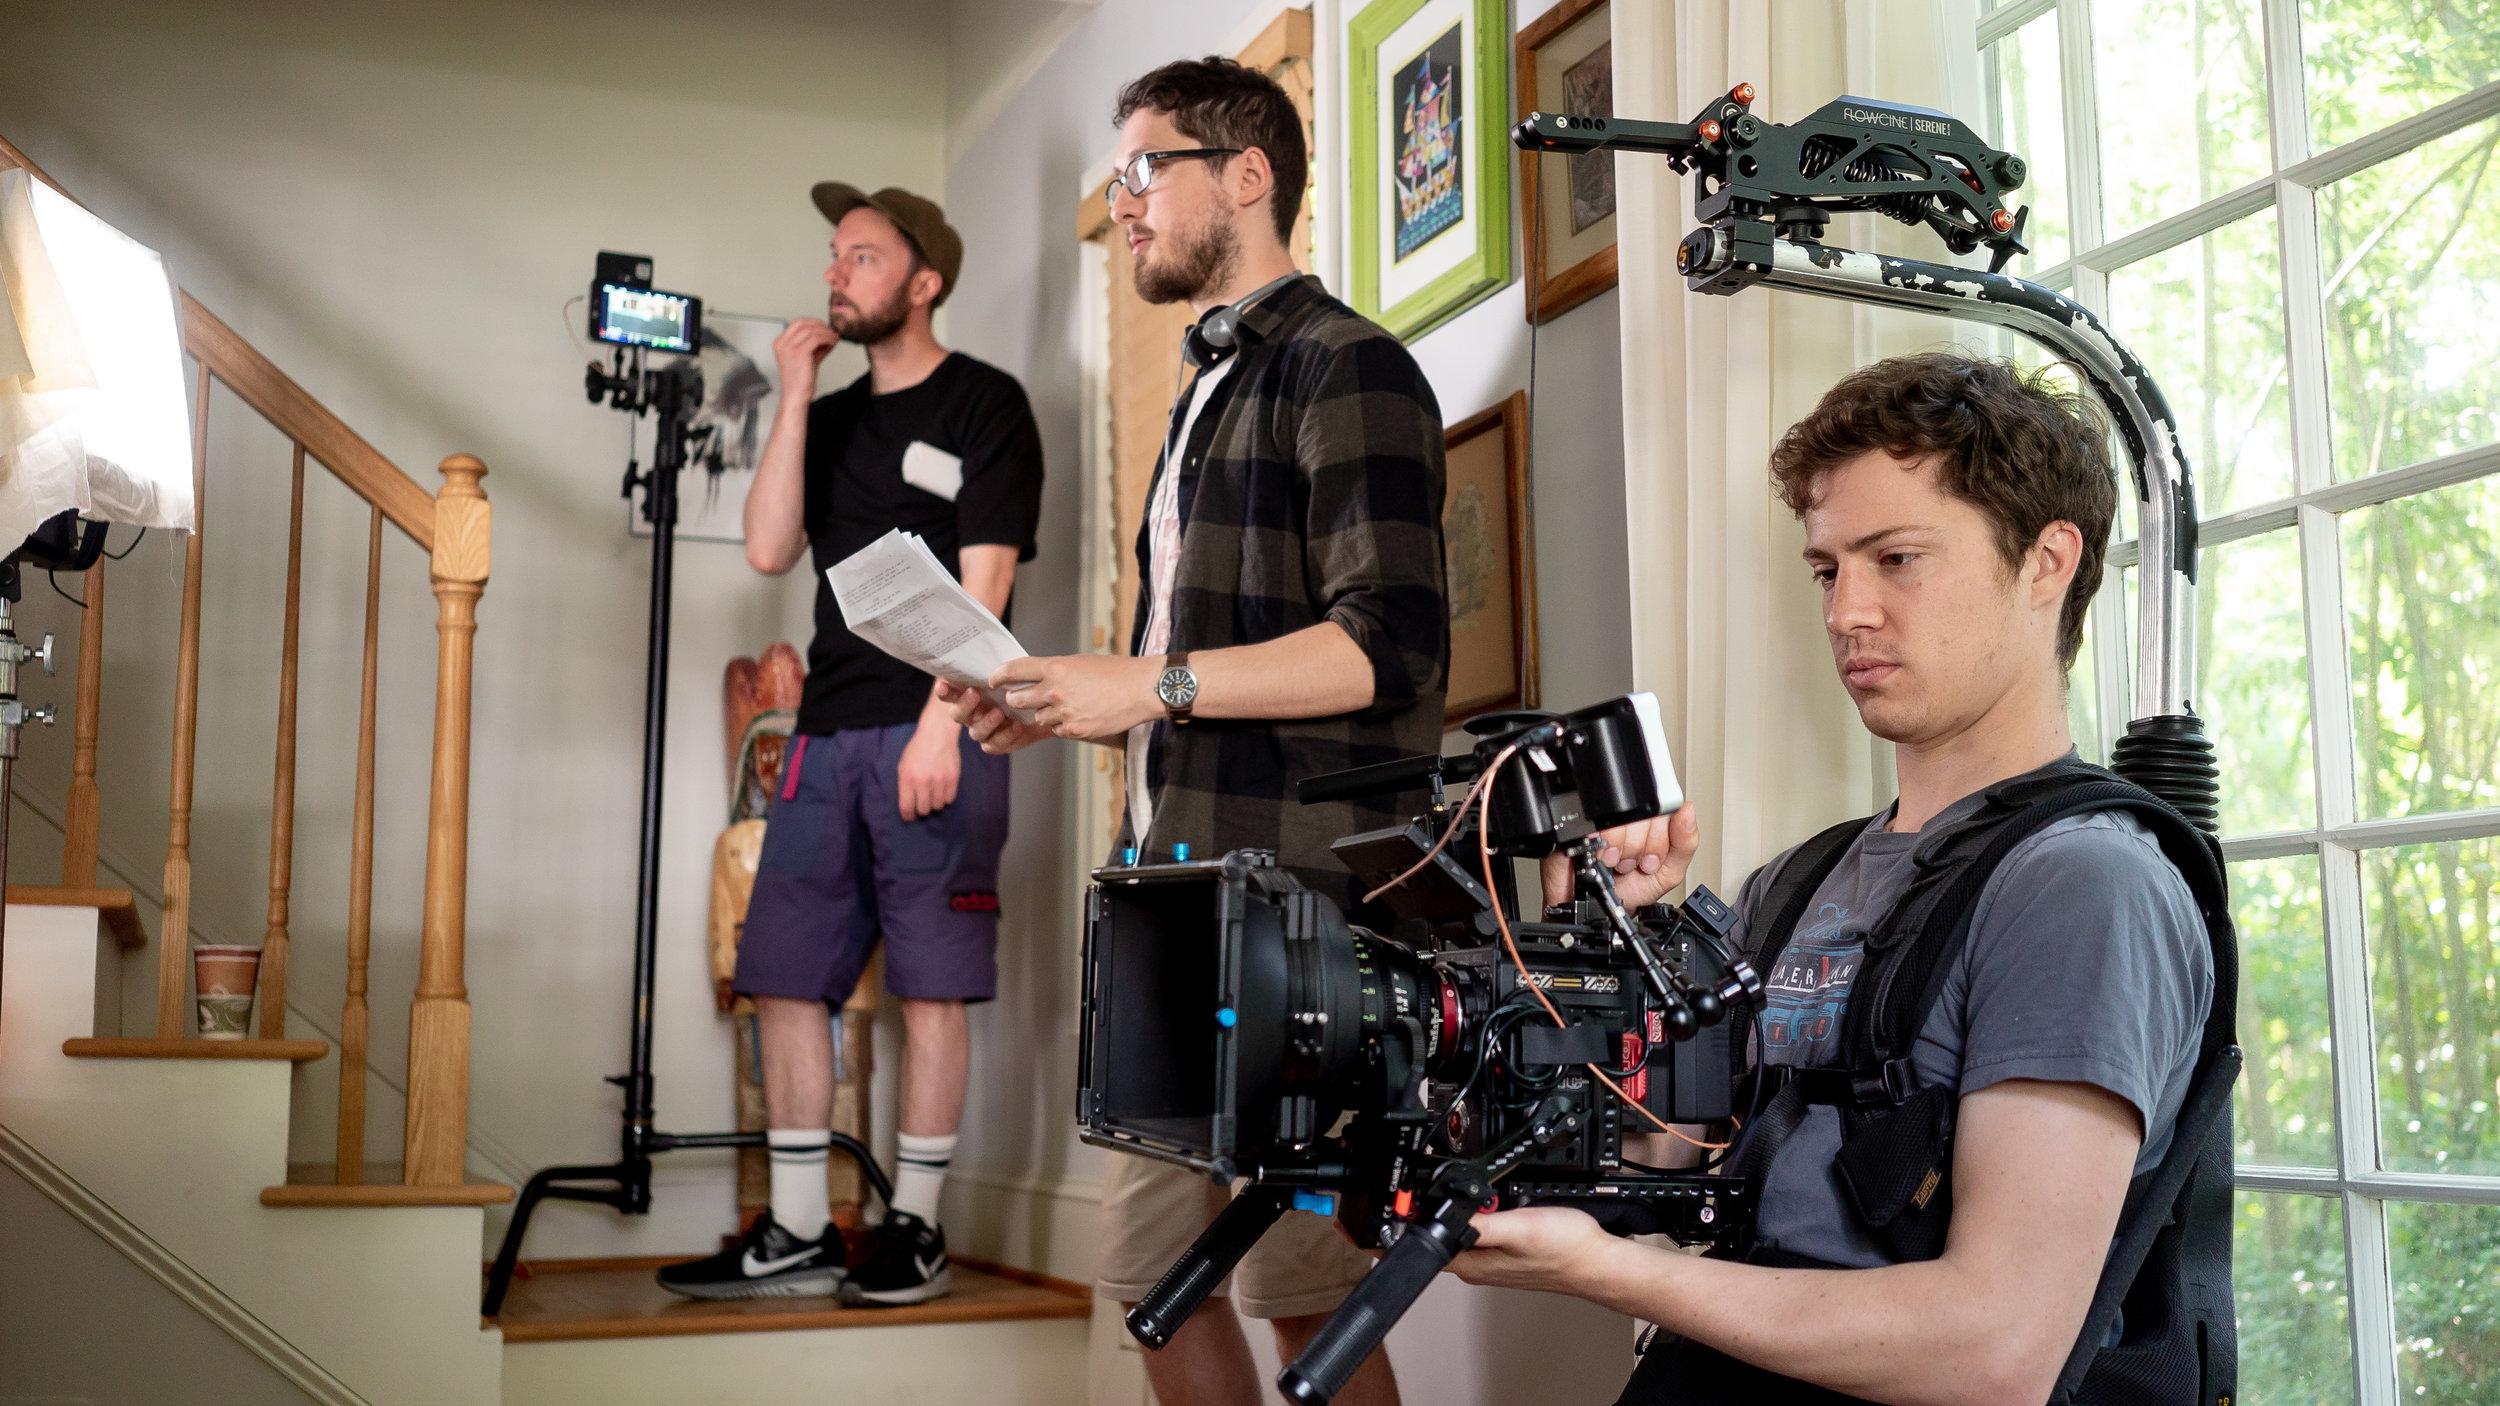 Short Film Production Still 2